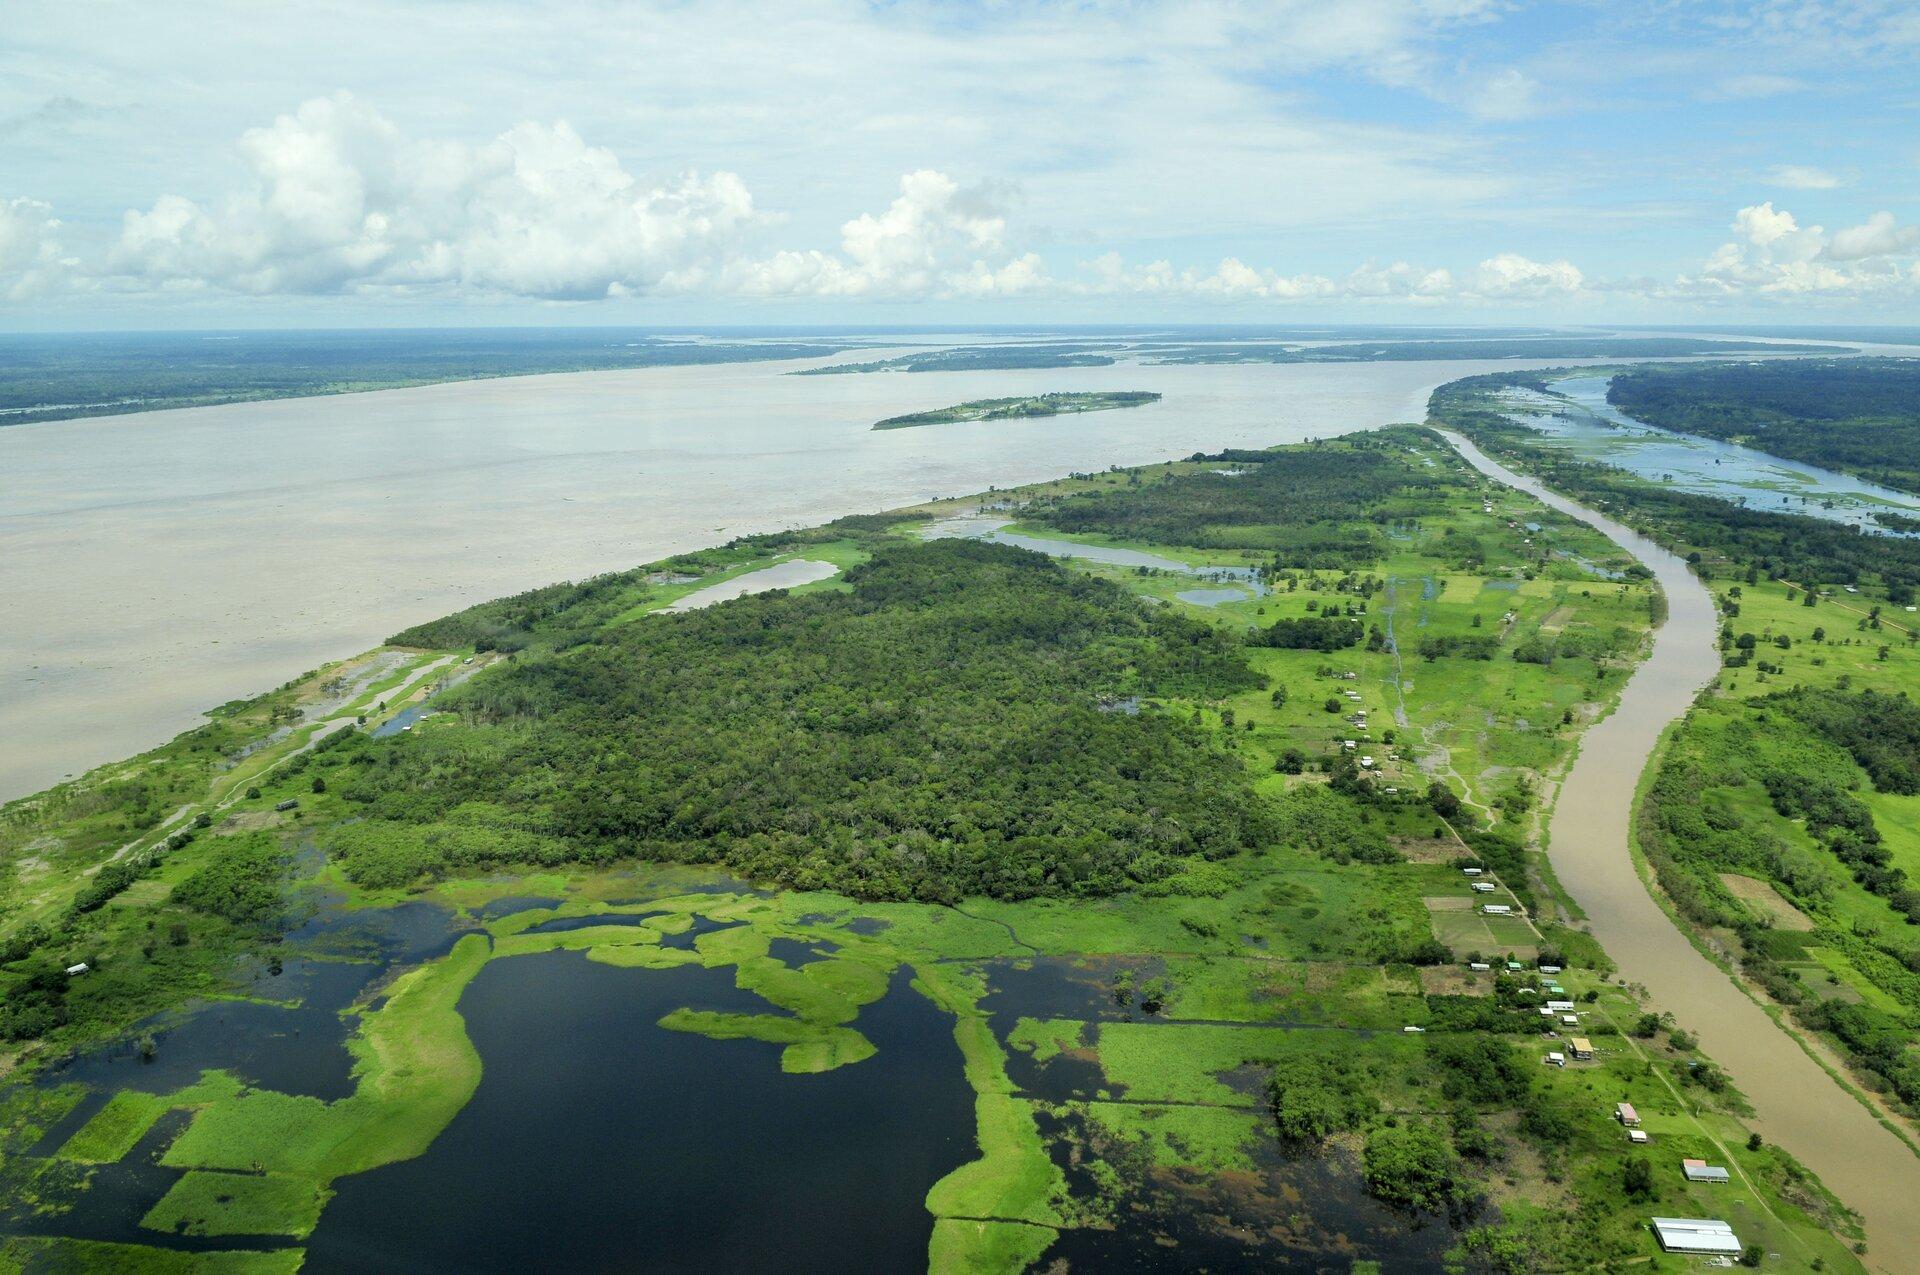 Na zdjęciu płaski, rozległy teren porośnięty częściowo lasami, rzadkie zabudowania, bardzo szeroka rzeka zwąskim dopływem.